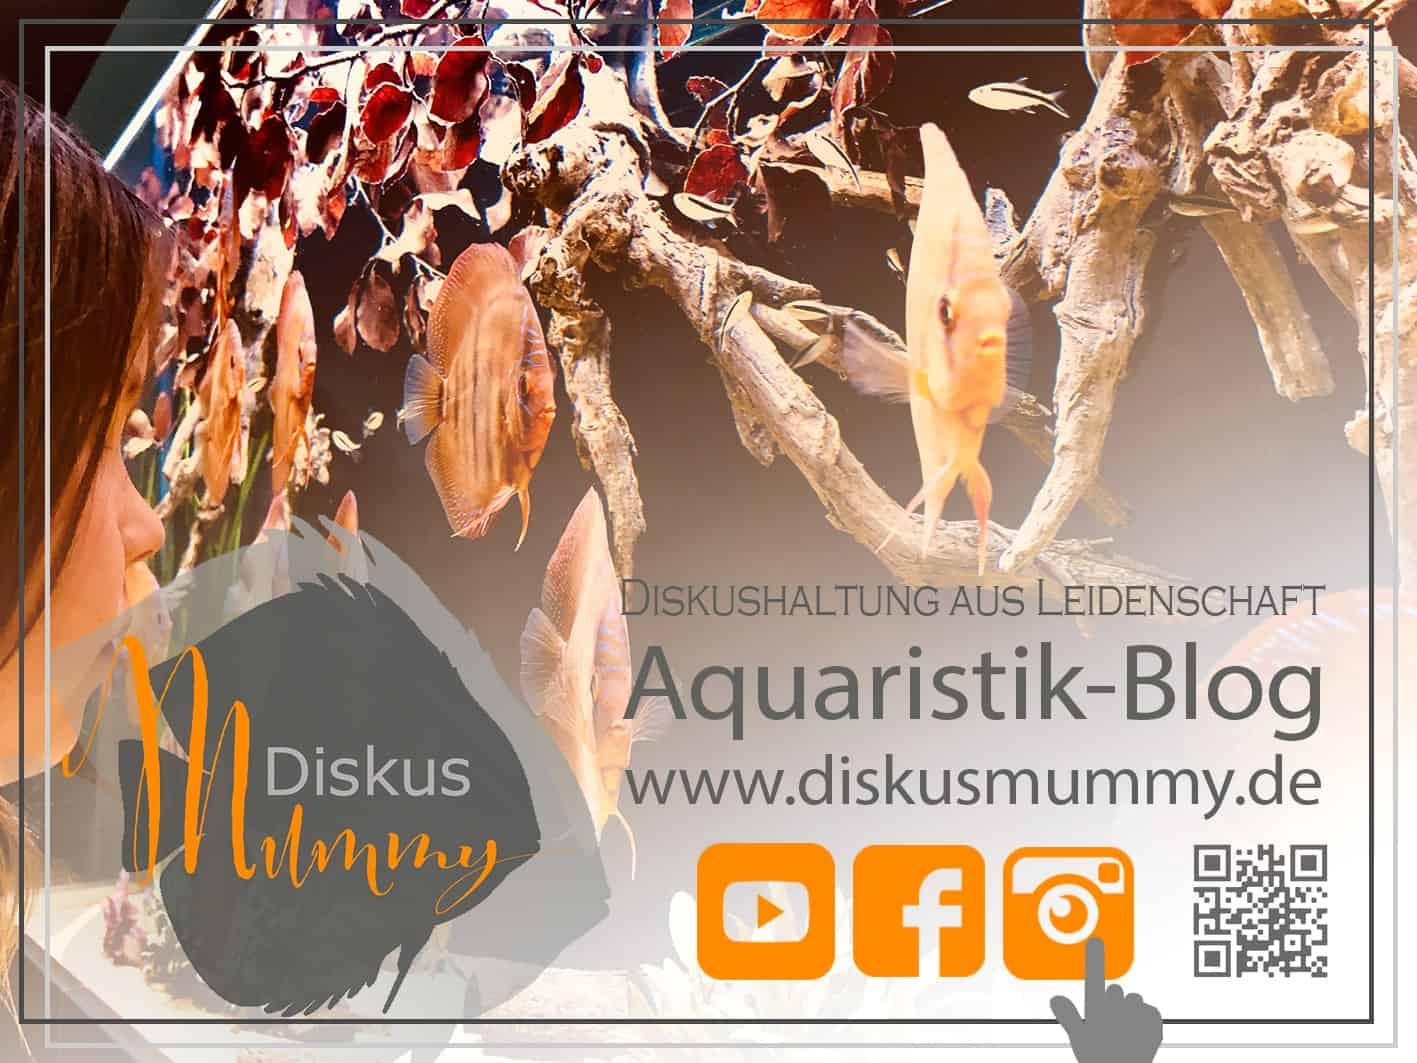 266: Die DiskusMummy und der König der Aquarienfische - Diskushaltung aus Leidenschaft (Isabelle Geil) 9